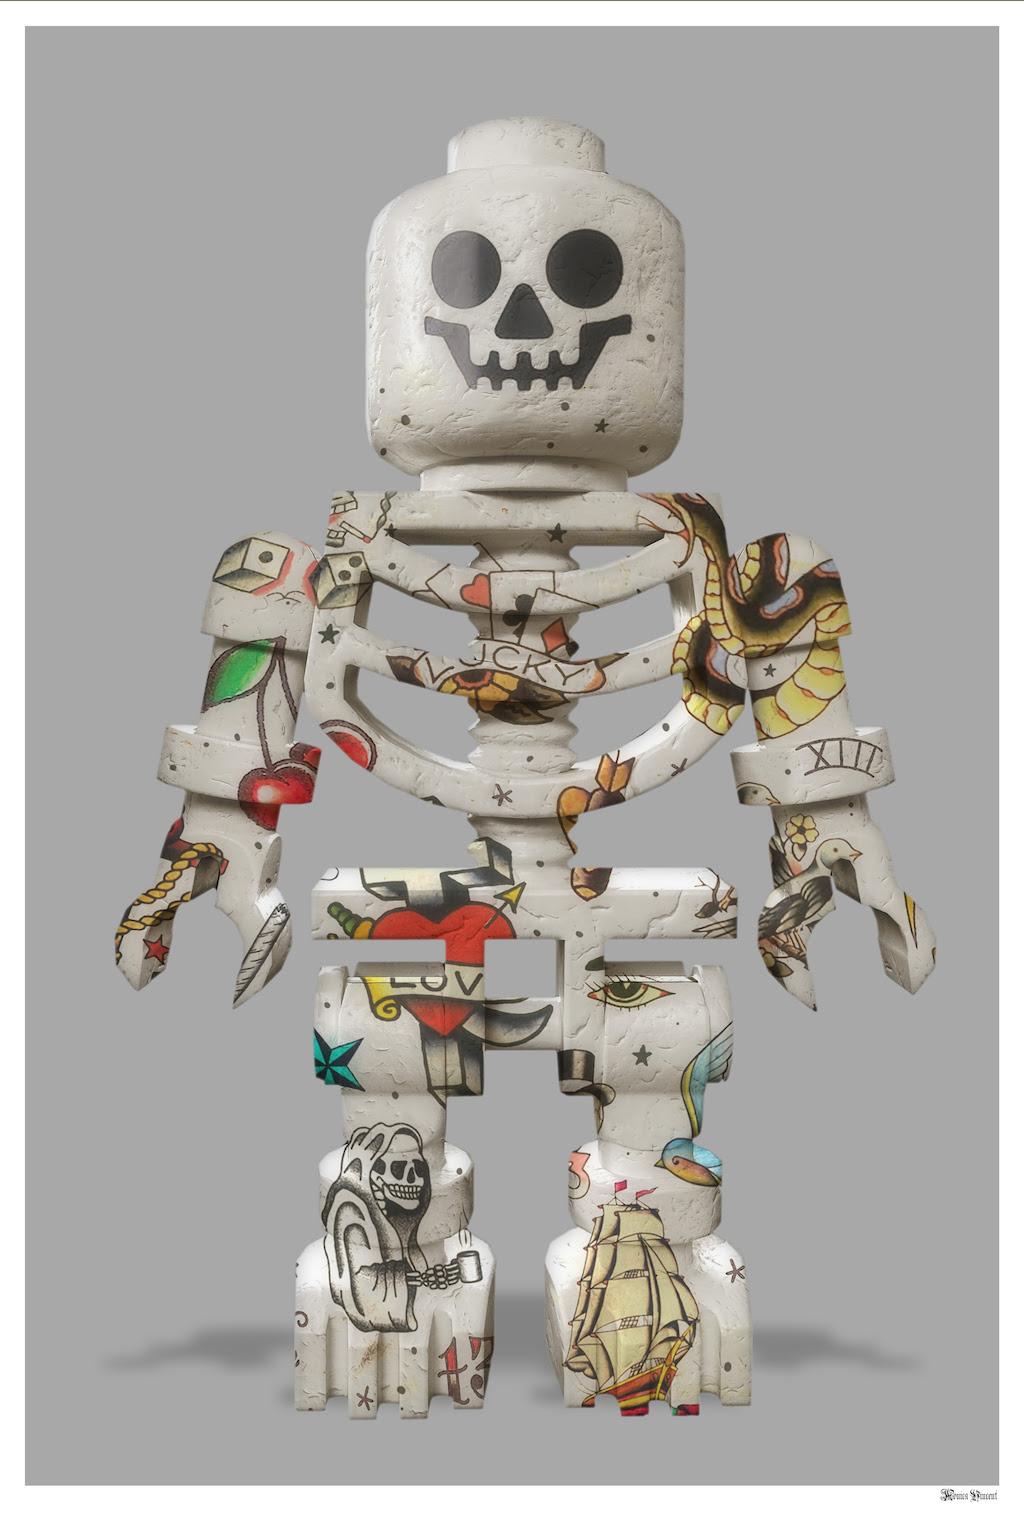 Lego Skeleton (Grey Background) - Large - Framed by Monica Vincent